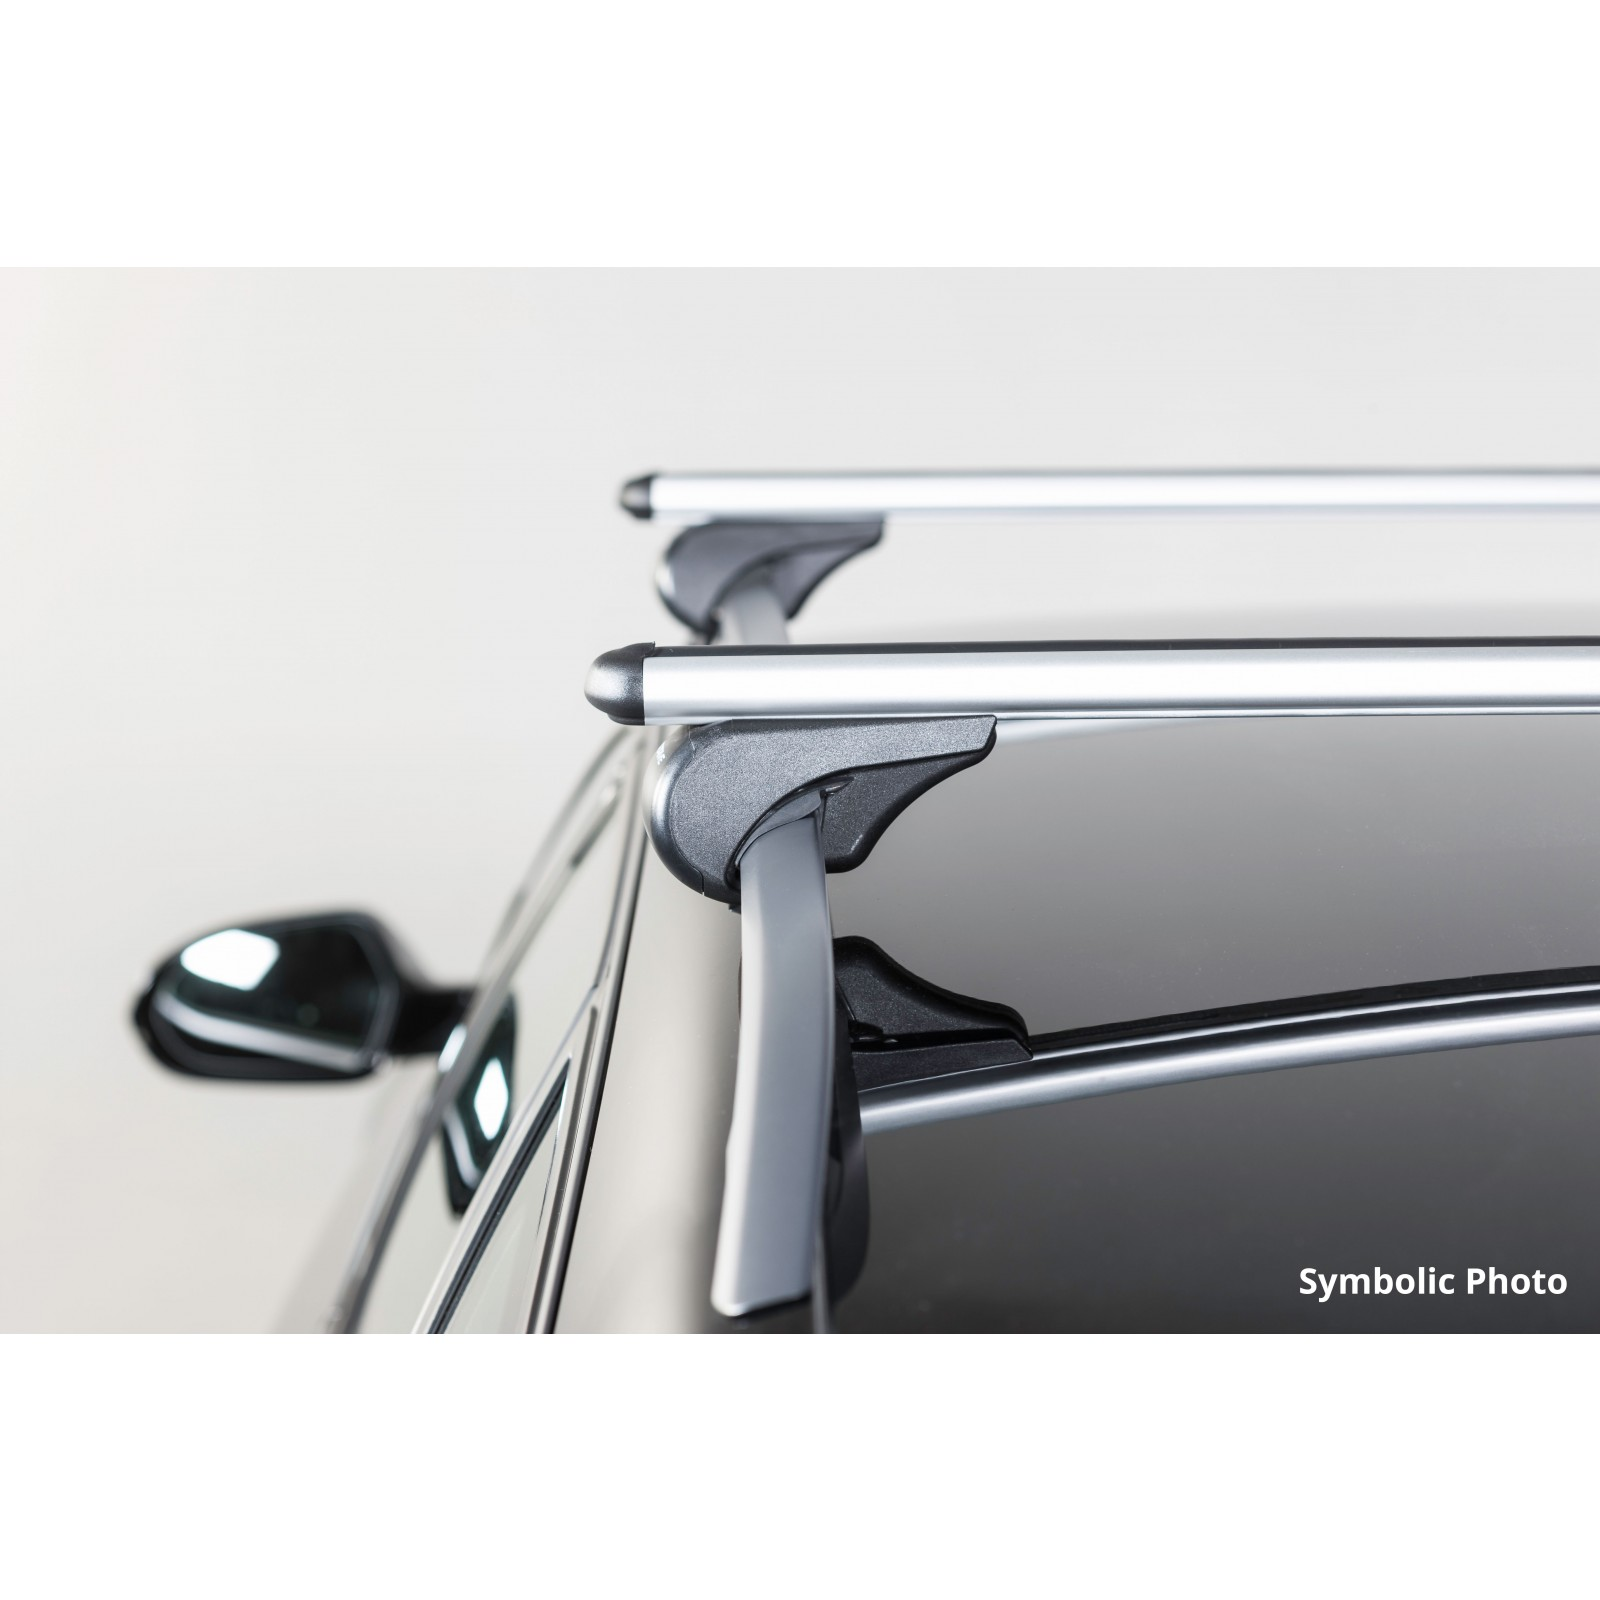 barre portatutto in alluminio per fiat freemont 127cm. Black Bedroom Furniture Sets. Home Design Ideas